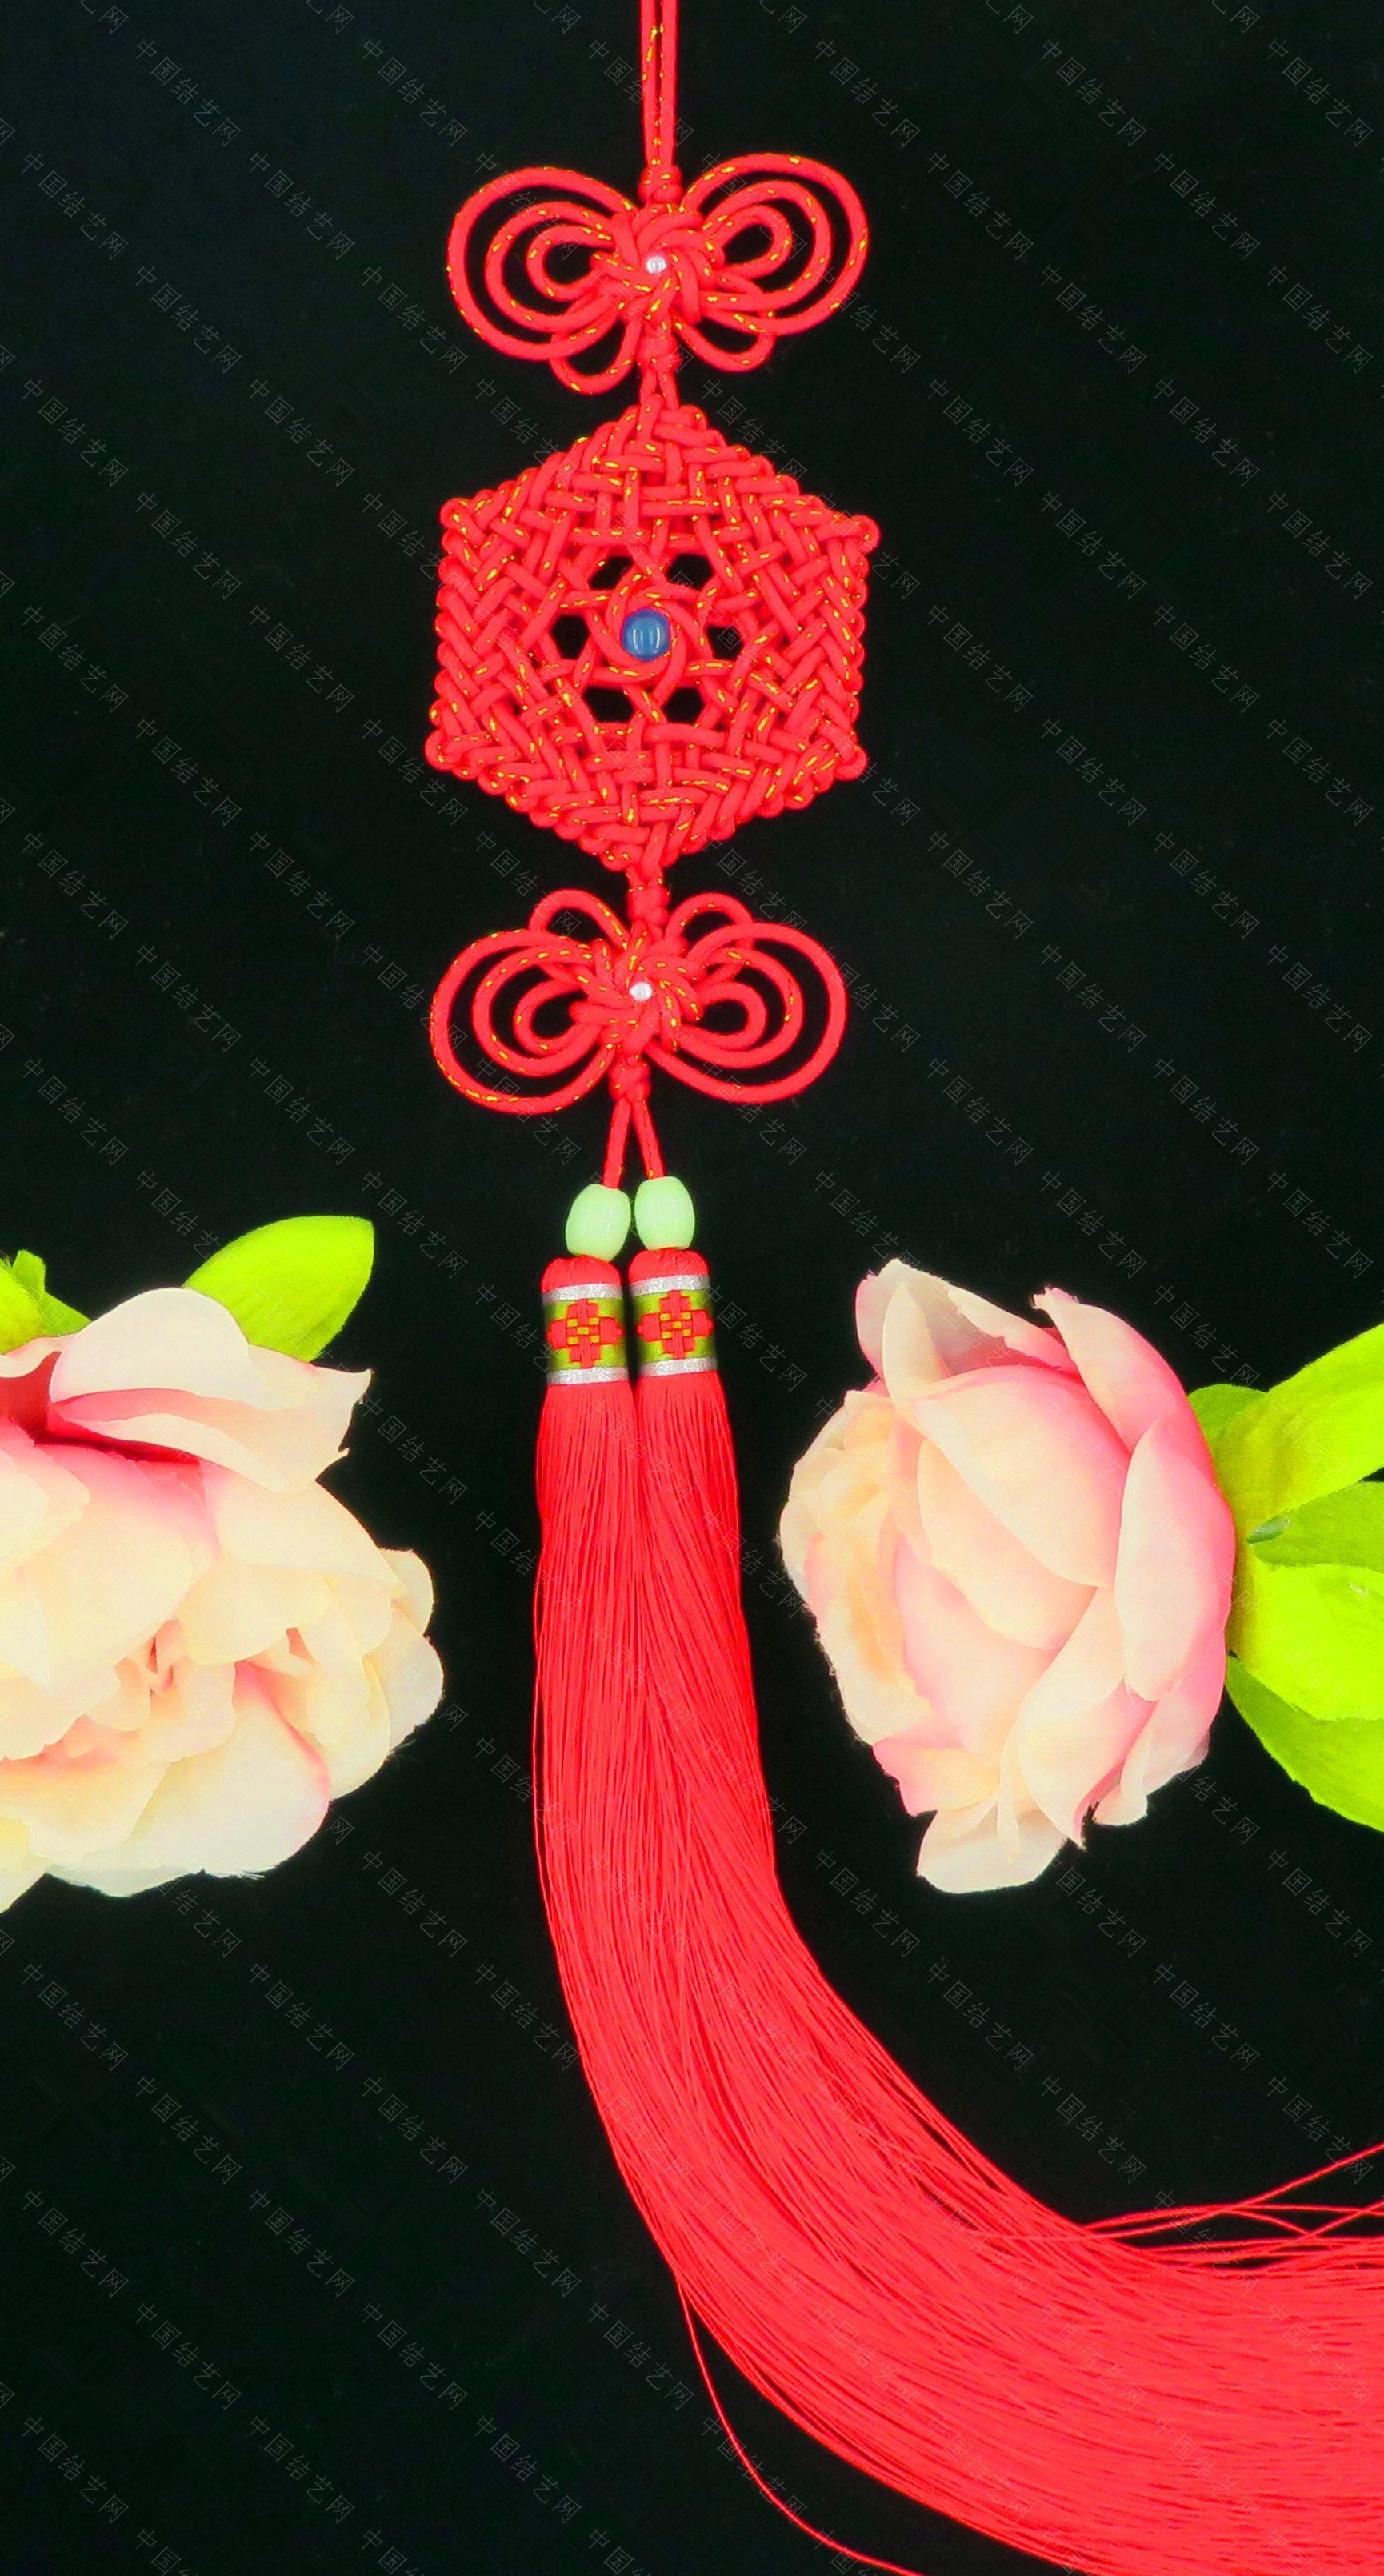 中国结论坛 仿霸王花老师的花纹宝结和星辰结共用套  作品展示 184639t1vnlddkvnepekng